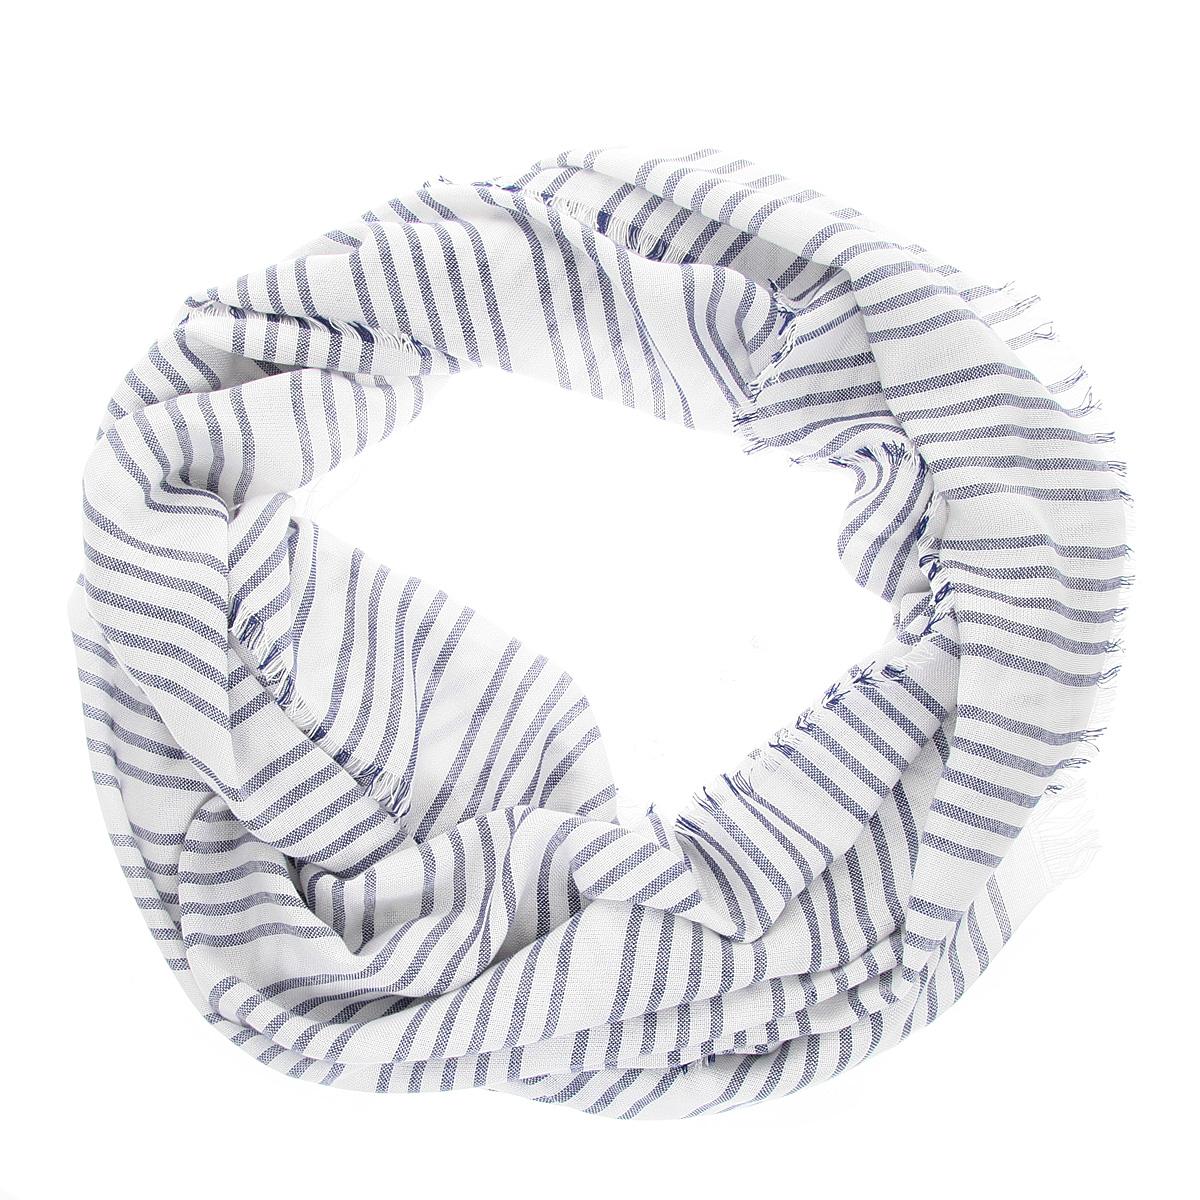 Шарф мужской. SCw-242/099-5102SCw-242/099-5102Элегантный мужской шарф Sela согреет в холодное время года, а также станет изысканным аксессуаром, который призван подчеркнуть ваш стиль и индивидуальность. Оригинальный и стильный шарф выполнен из 100% вискозы и украшен классическим принтом в полоску. Края модели декорированы тонкой бахромой. Такой шарф станет превосходным дополнением к любому наряду и позволит вам создать свой неповторимый стиль.